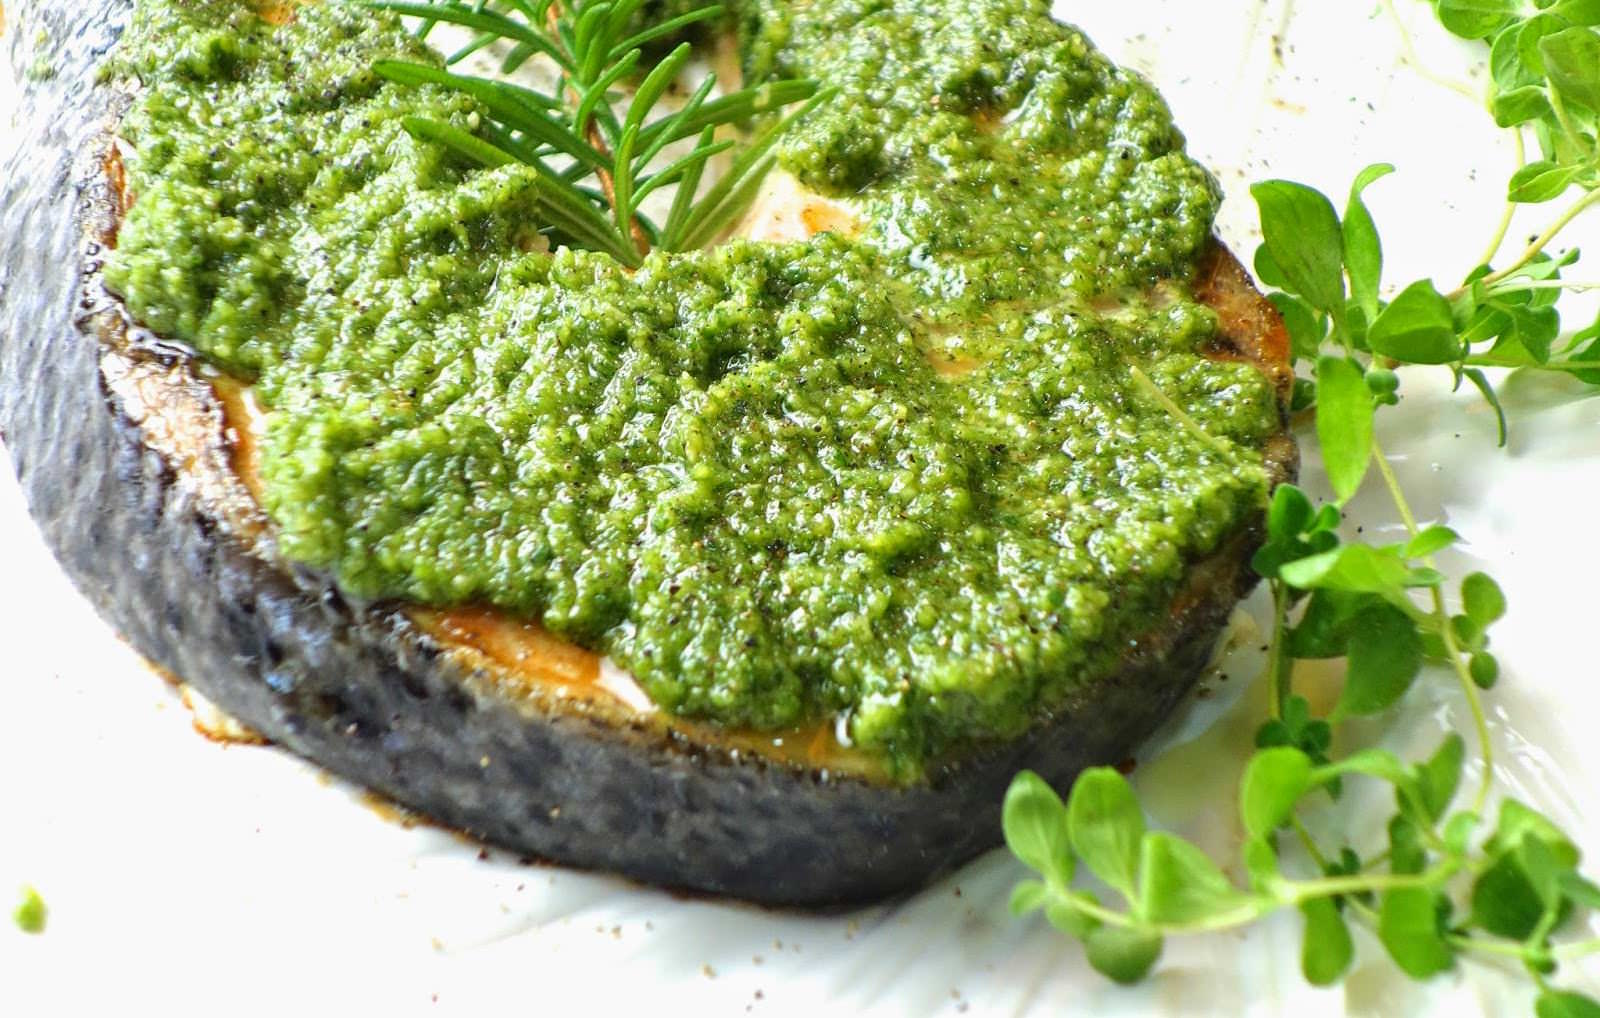 「鮭魚不要再只是乾煎了!」教你做華麗的嫩煎鮭魚佐松子青醬,多了這個小步驟鮭魚更鮮嫩!